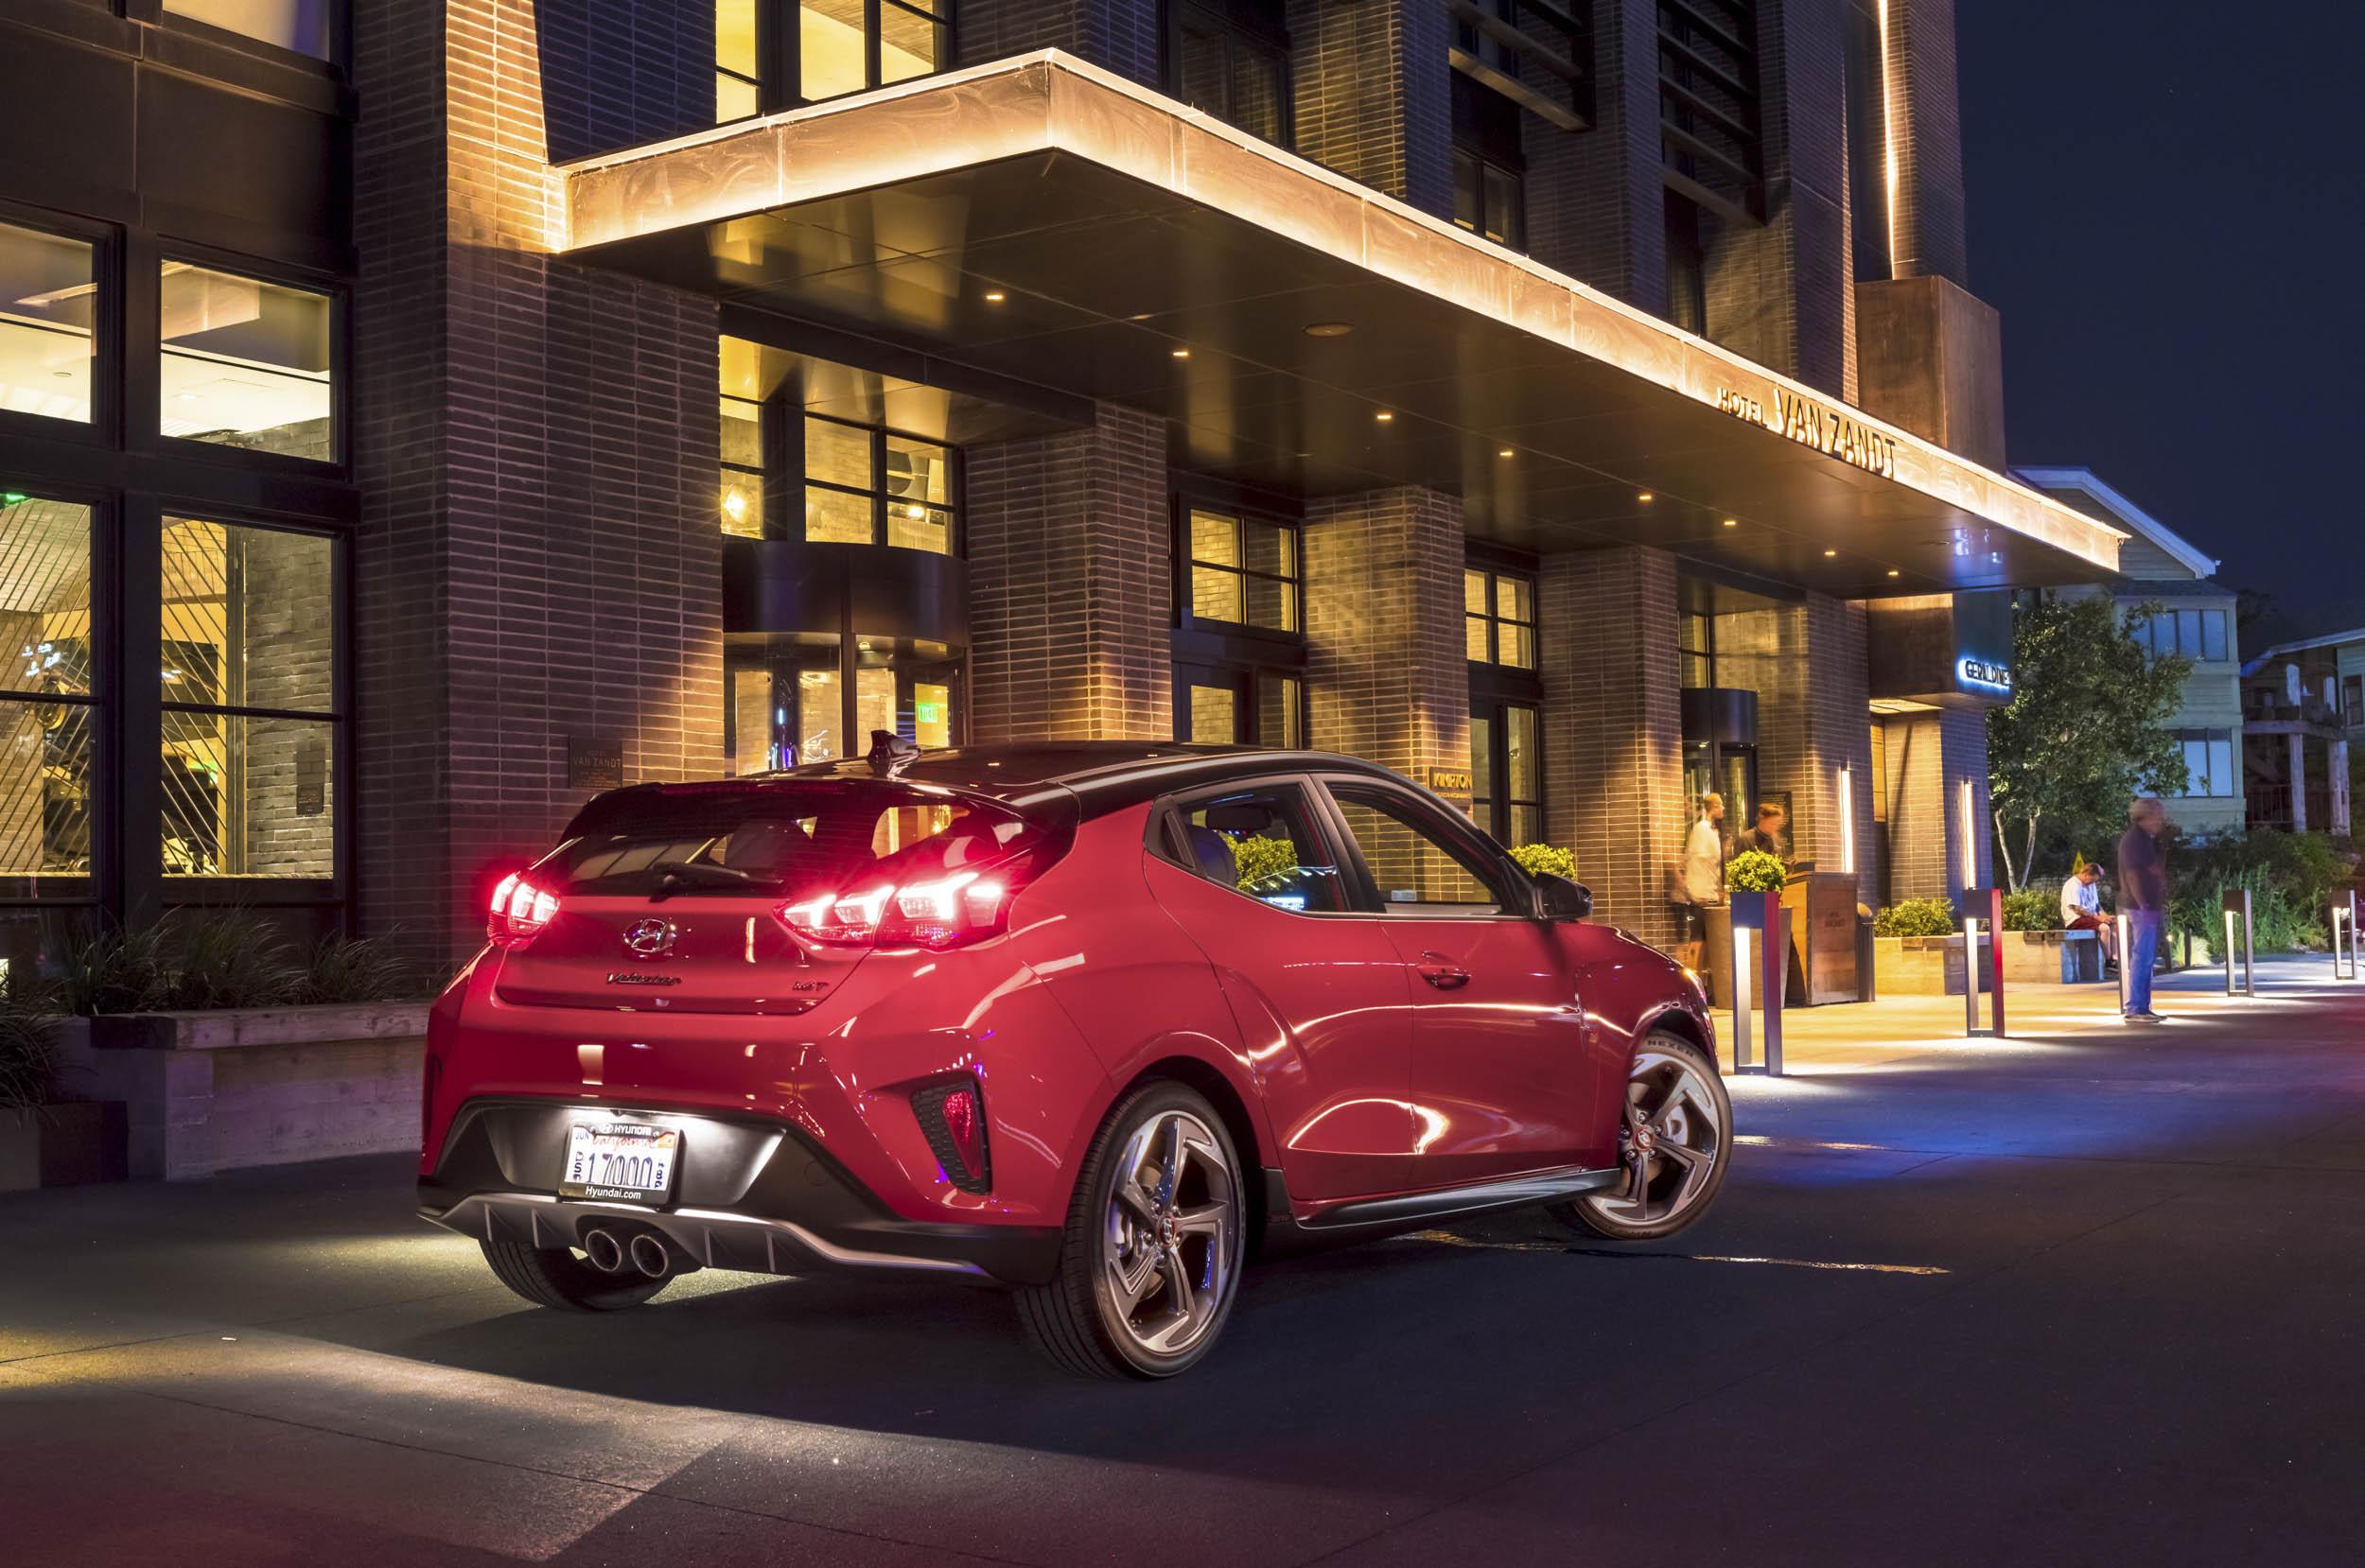 2019 Hyundai Veloster rear 3/4 at night